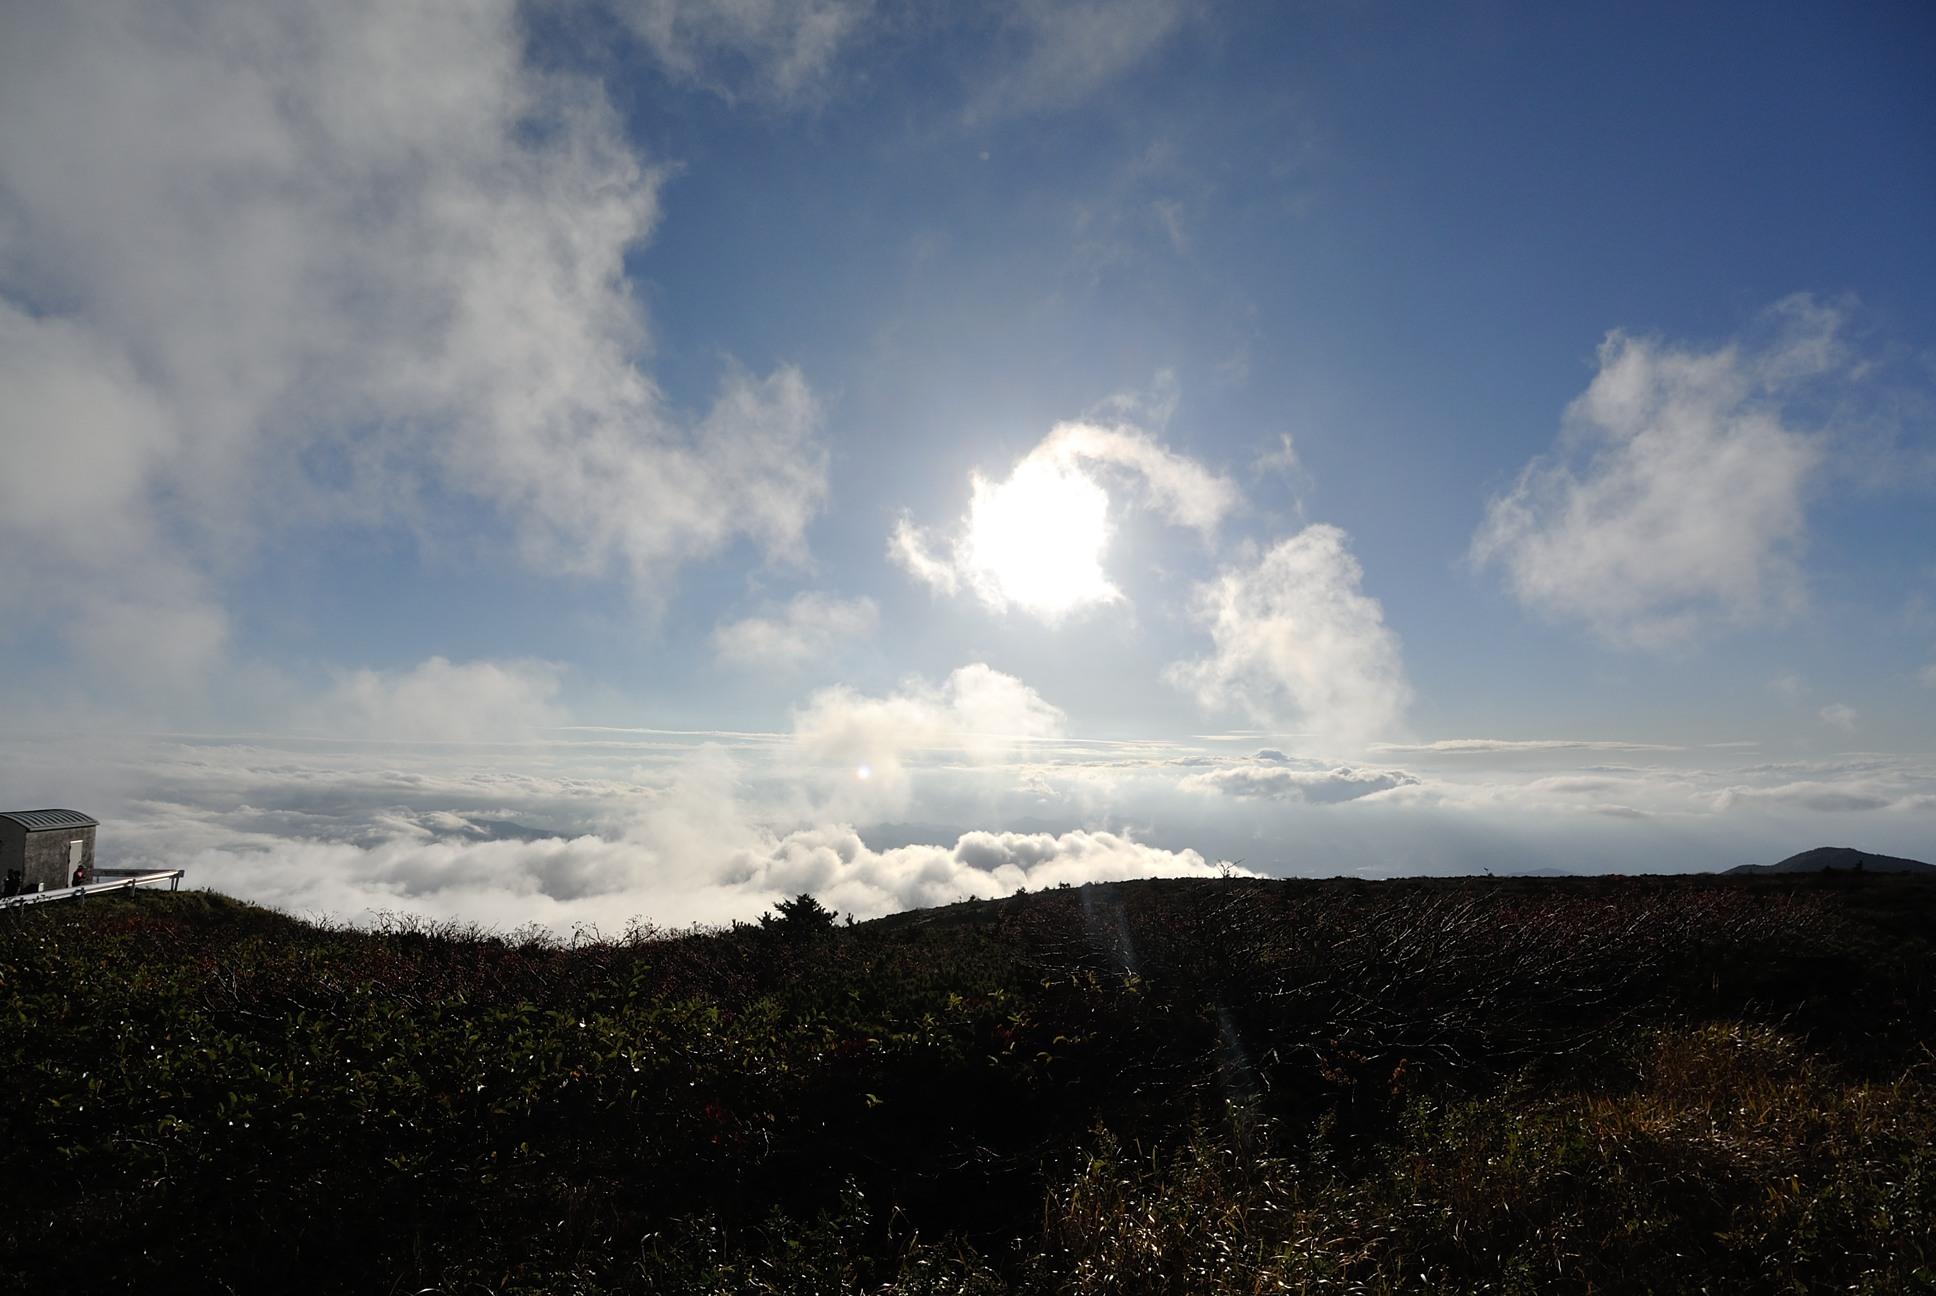 素晴らしい雲海だ